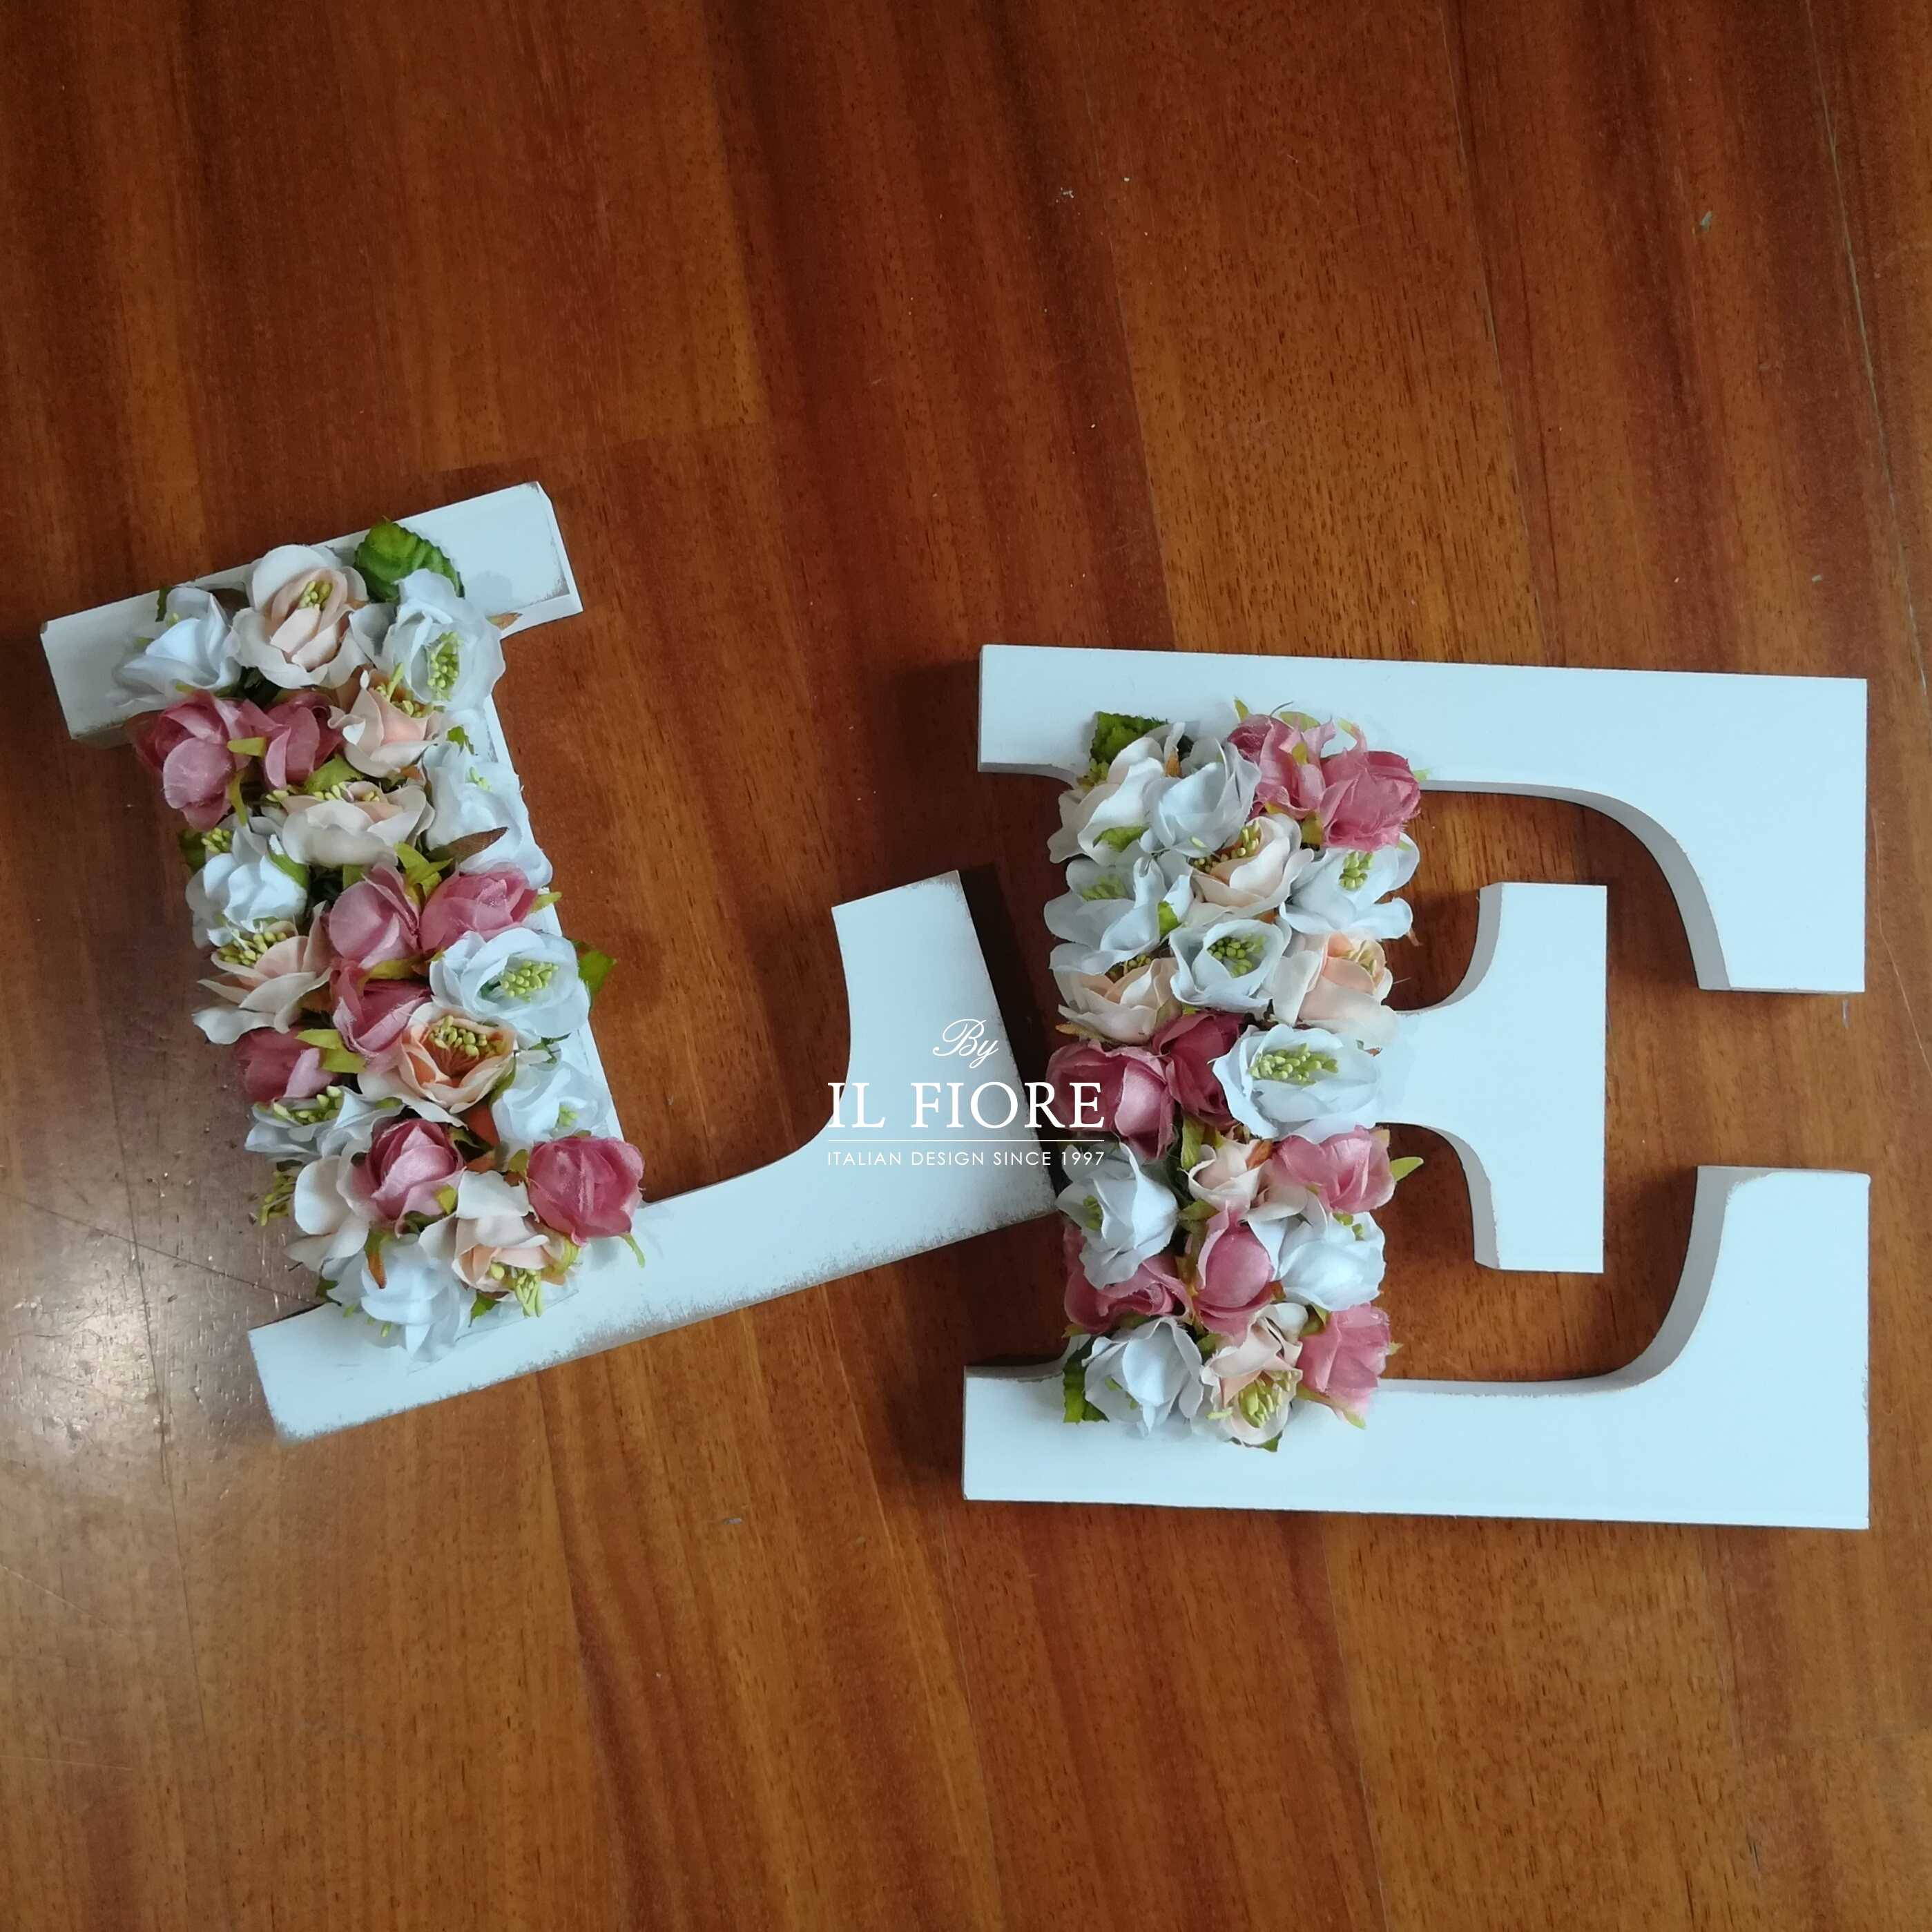 Bomboniere lettere personalizzabili con fiori - fuoriporta